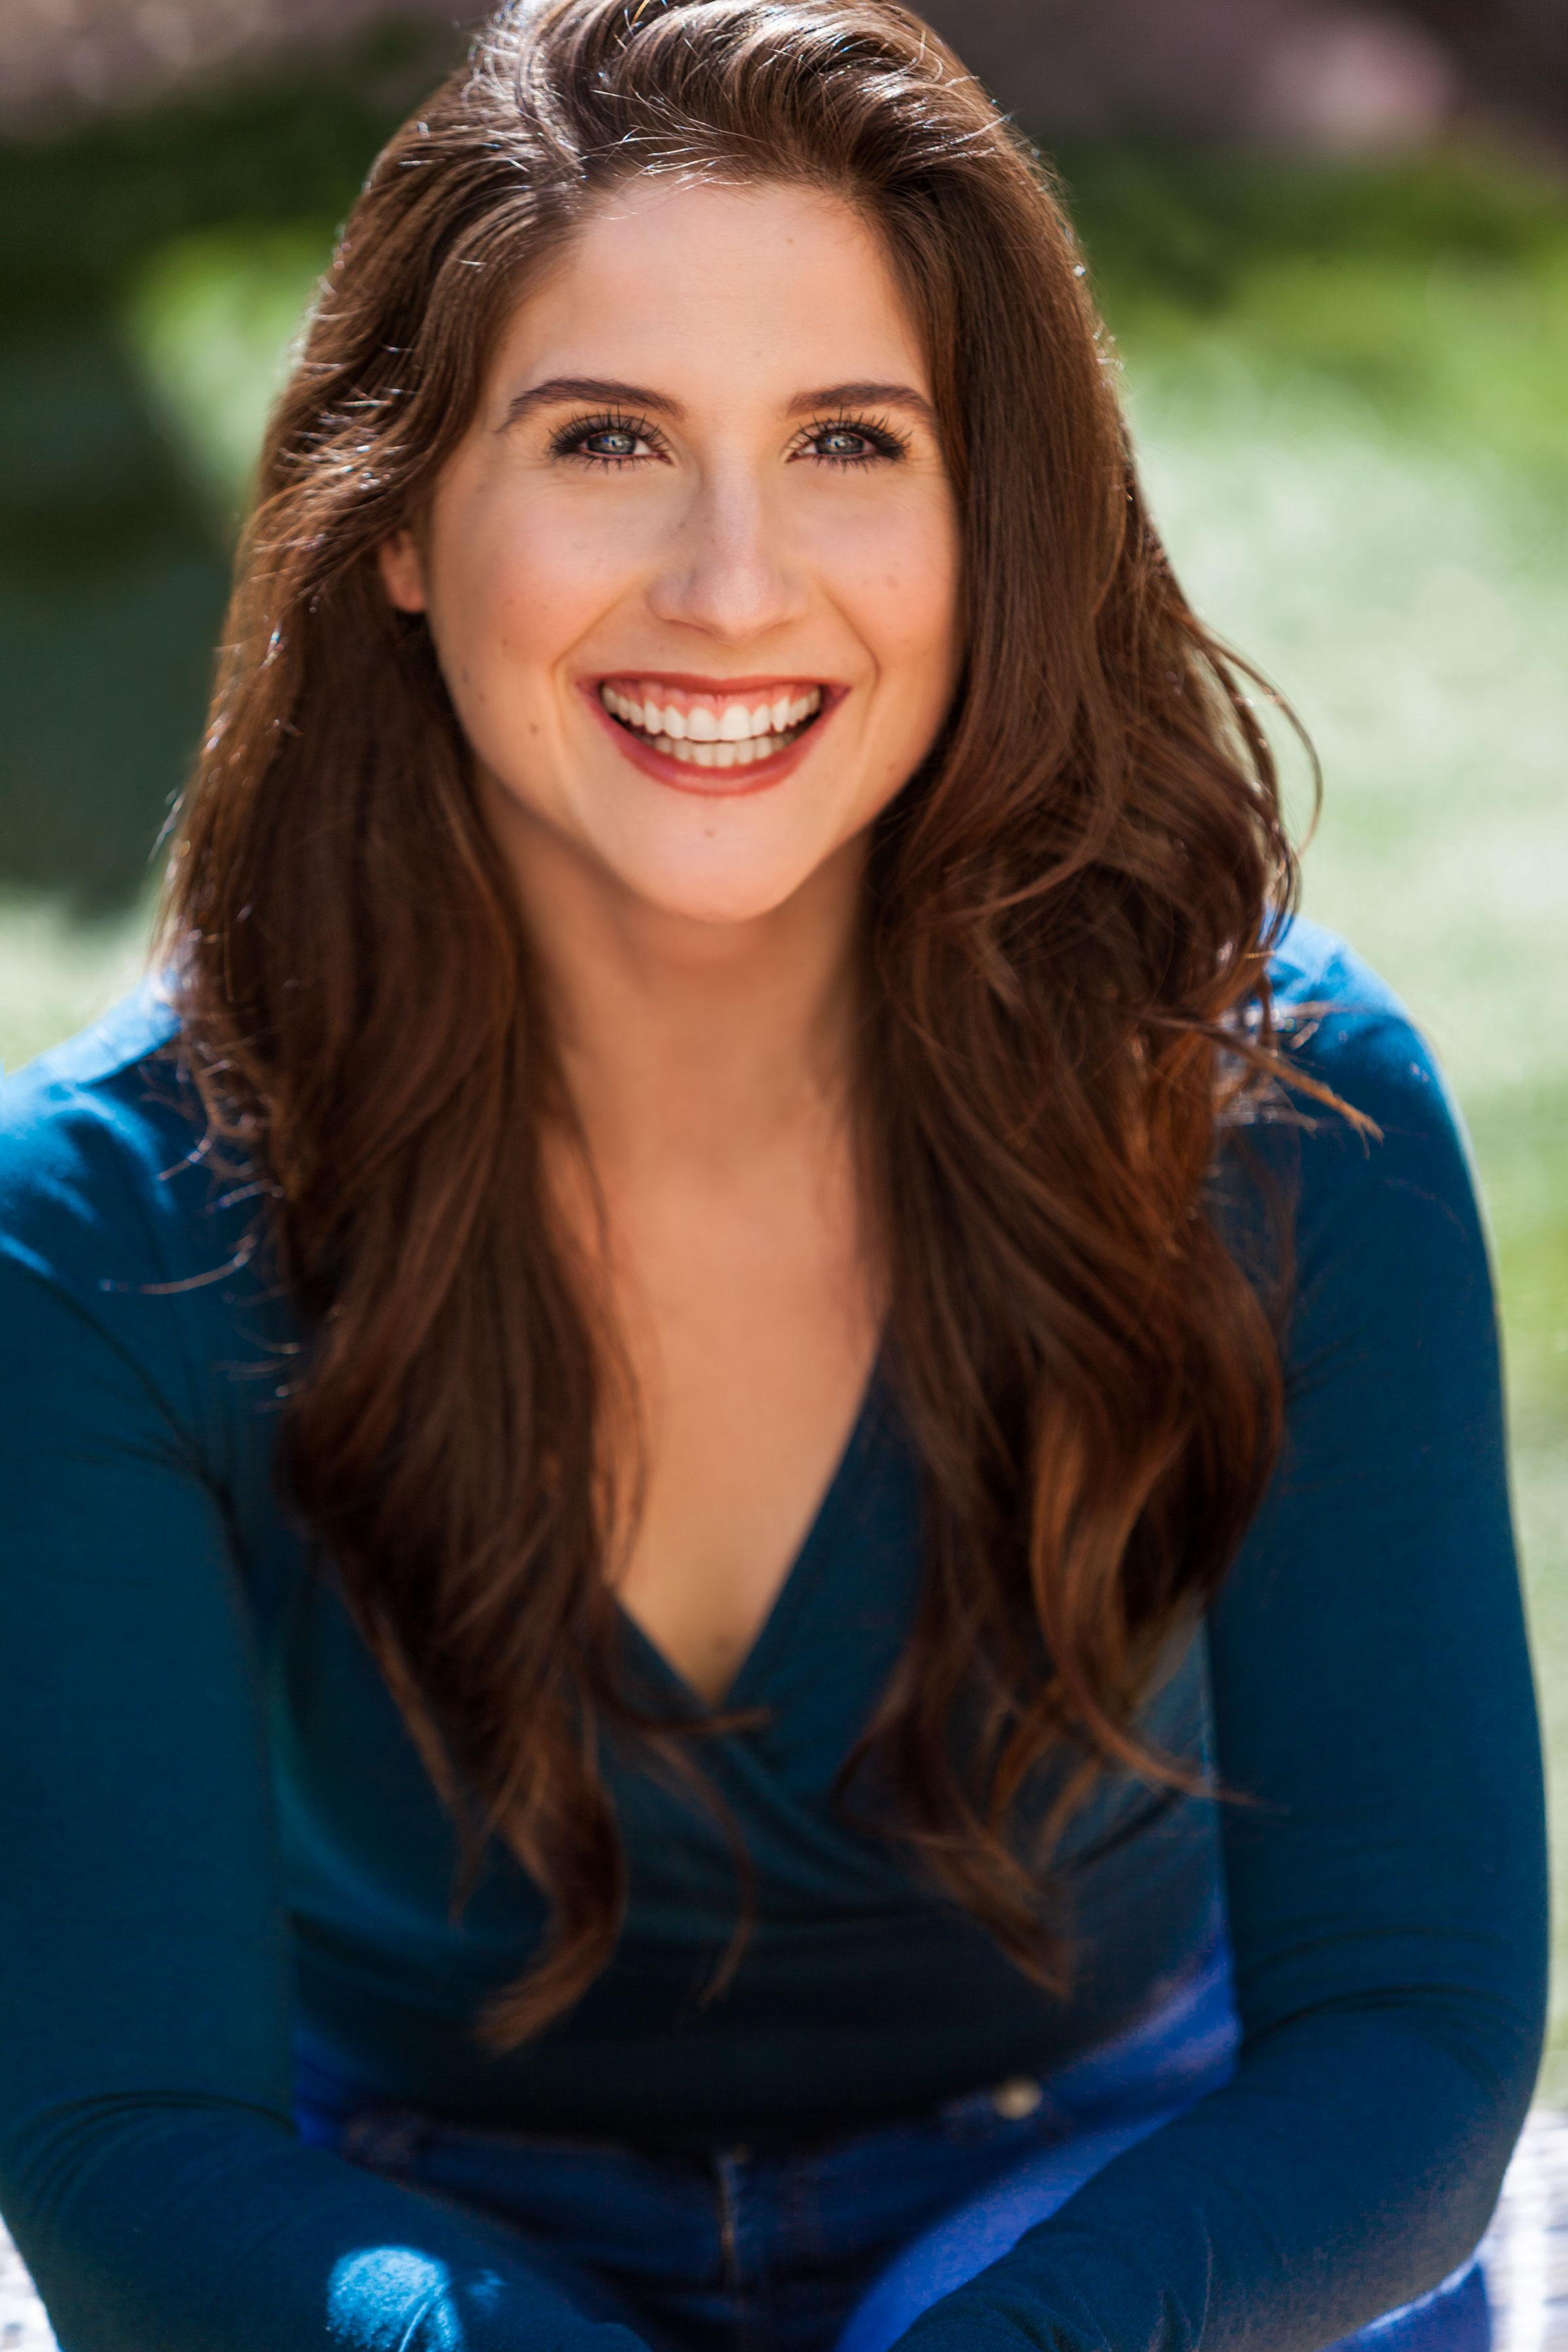 Nikki Dalonzo, 2019 alexia gourd